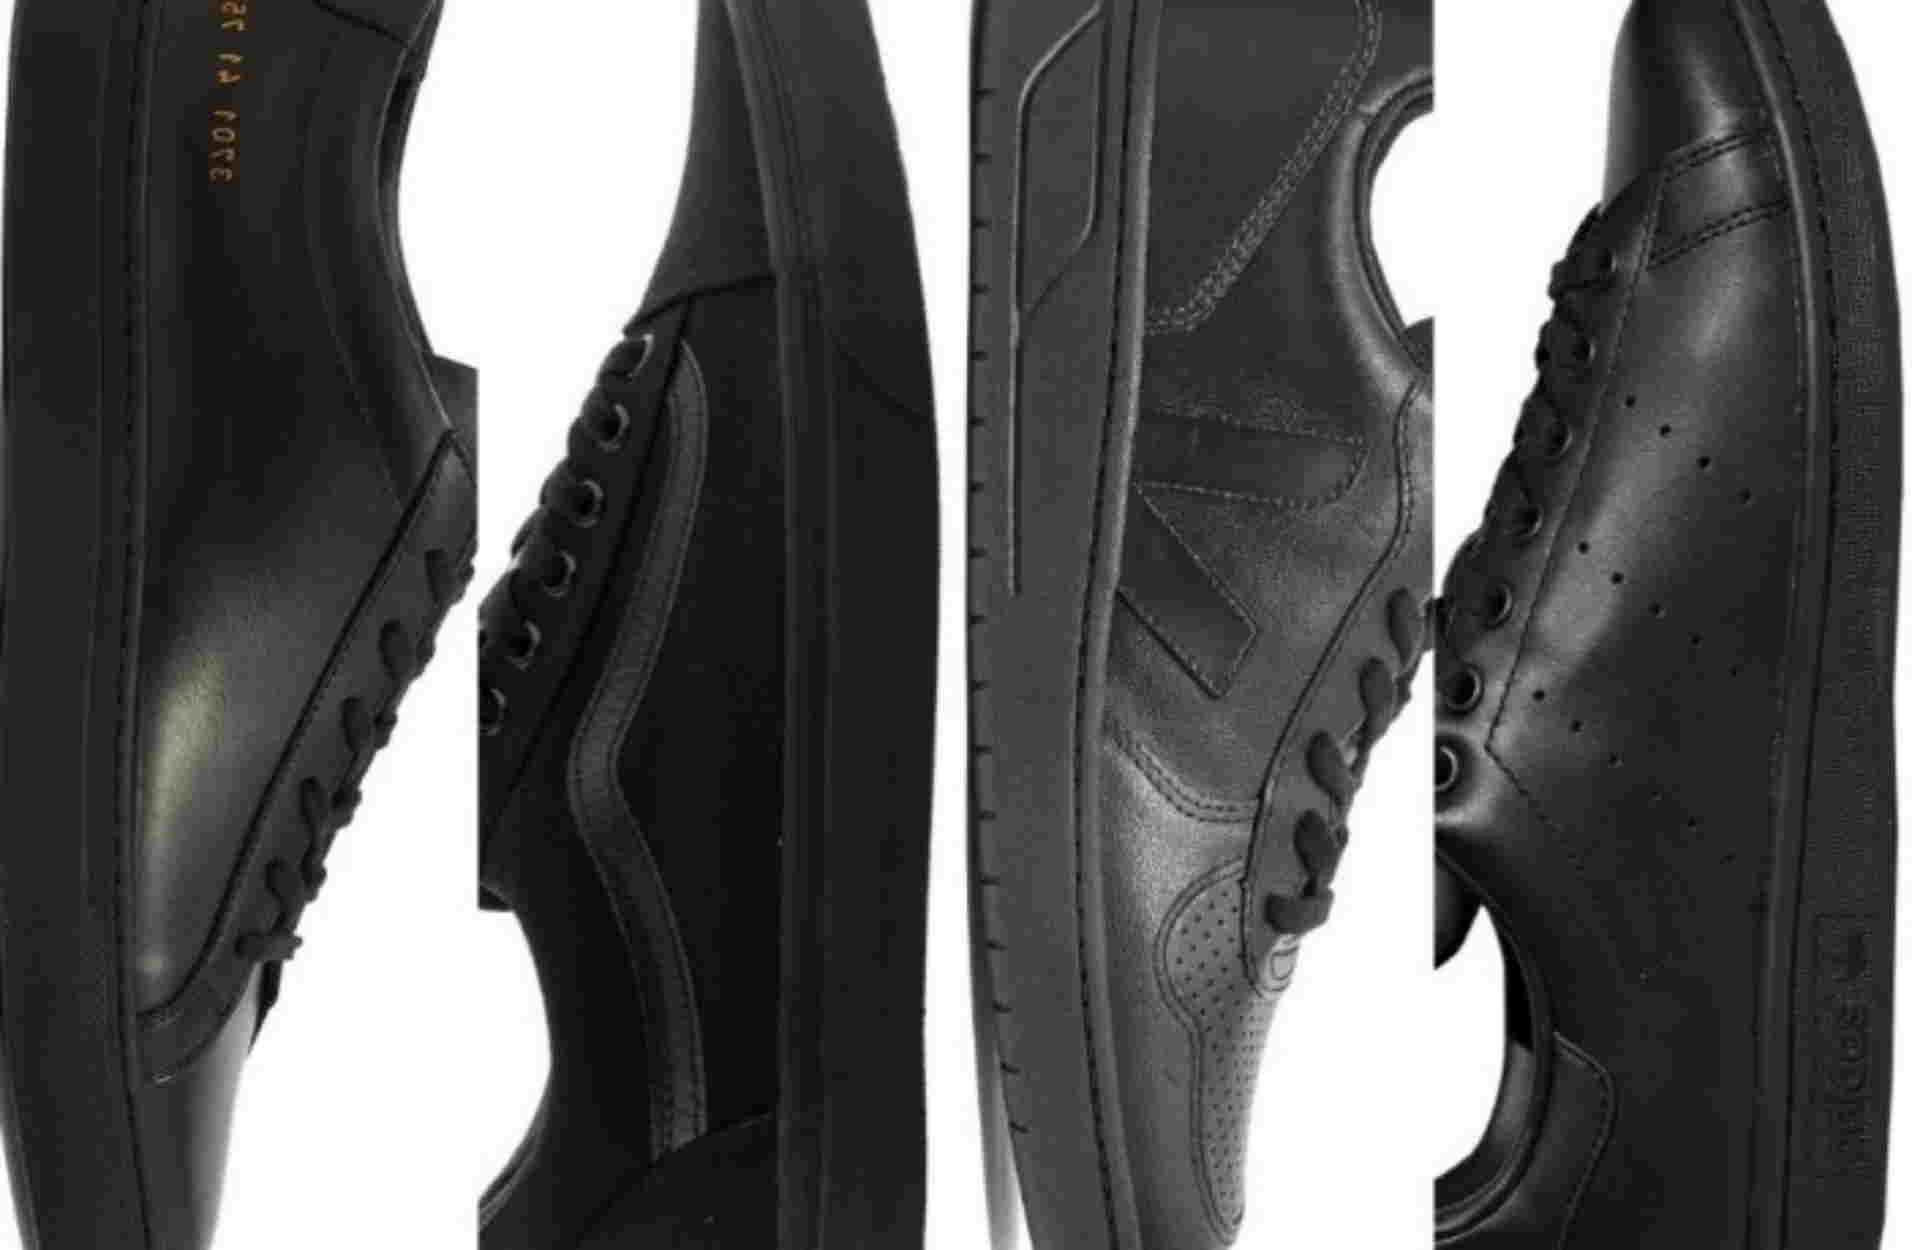 Τα 10 καλύτερα μαύρα sneakers στον κόσμο για τους πιο απαιτητικούς